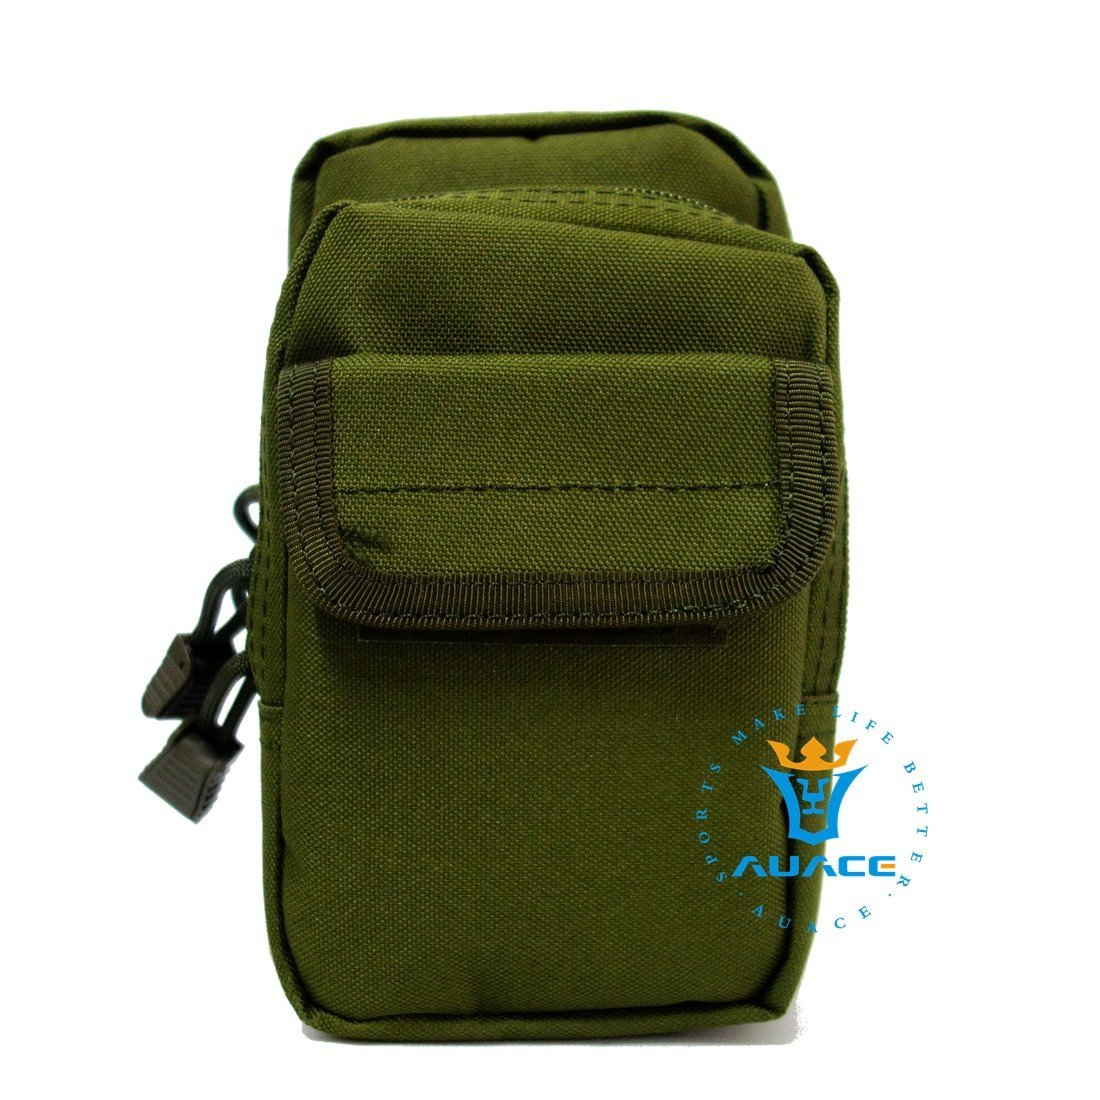 Multifunción Supervivencia Gear Tactical Carteras Carteras Molle Táctica cintura Pack, Camping Bolsa para herramientas Cintura Bolsa de viaje Phone Pouch, ...